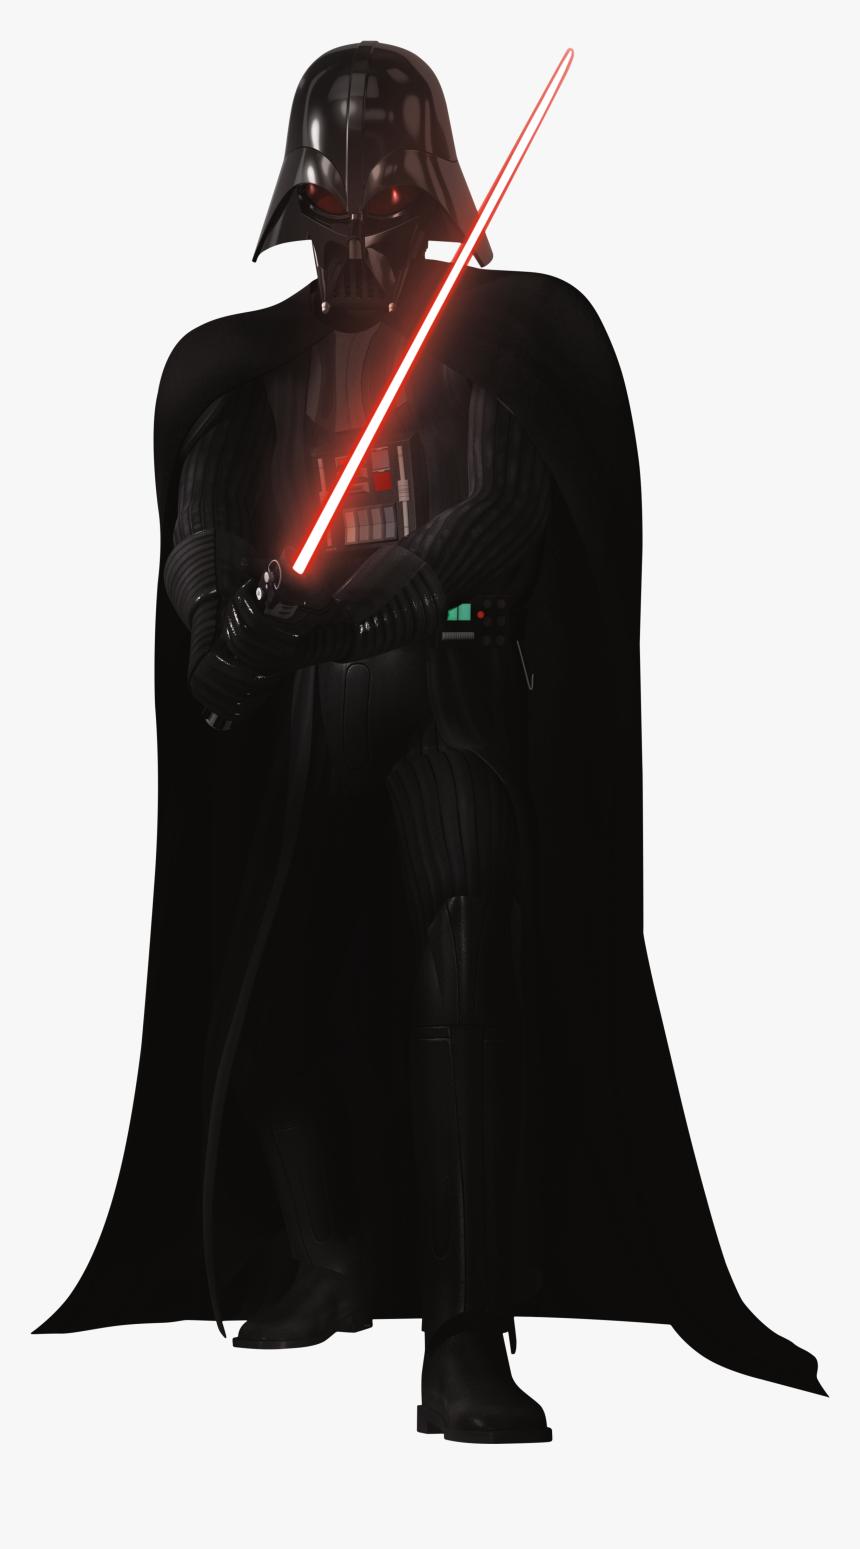 Darth Vader Png - Star Wars Rebels Darth Vader Png, Transparent Png, Free Download